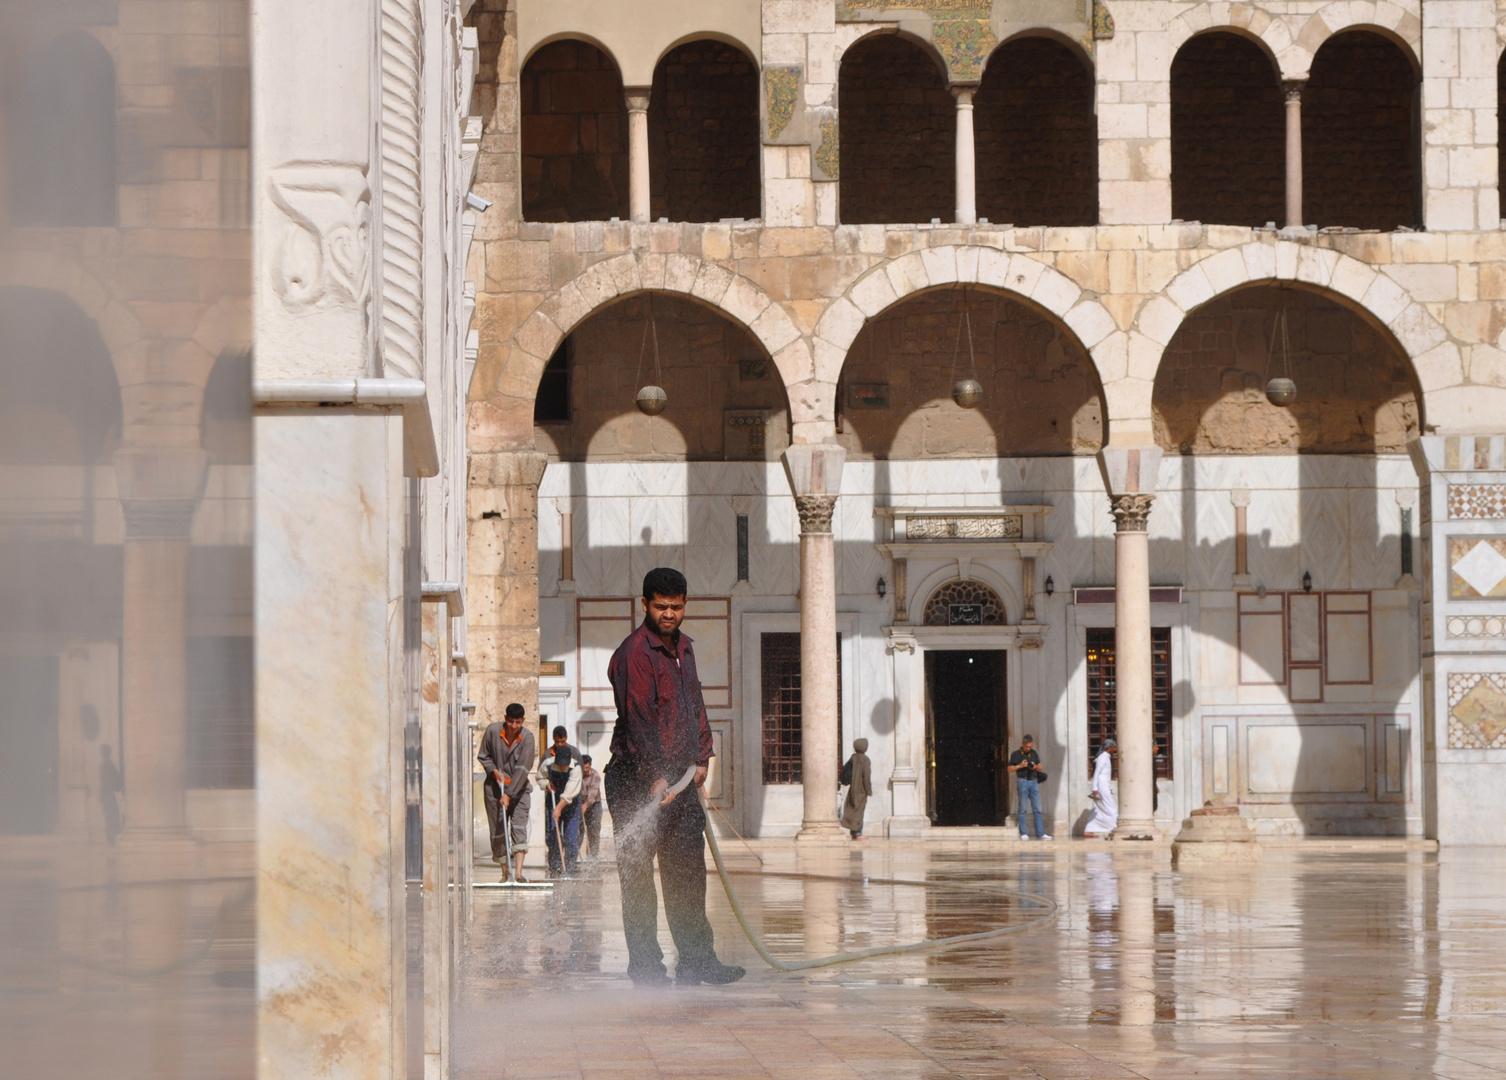 Putzkolonne - In der Omajadenmoschee Damaskus